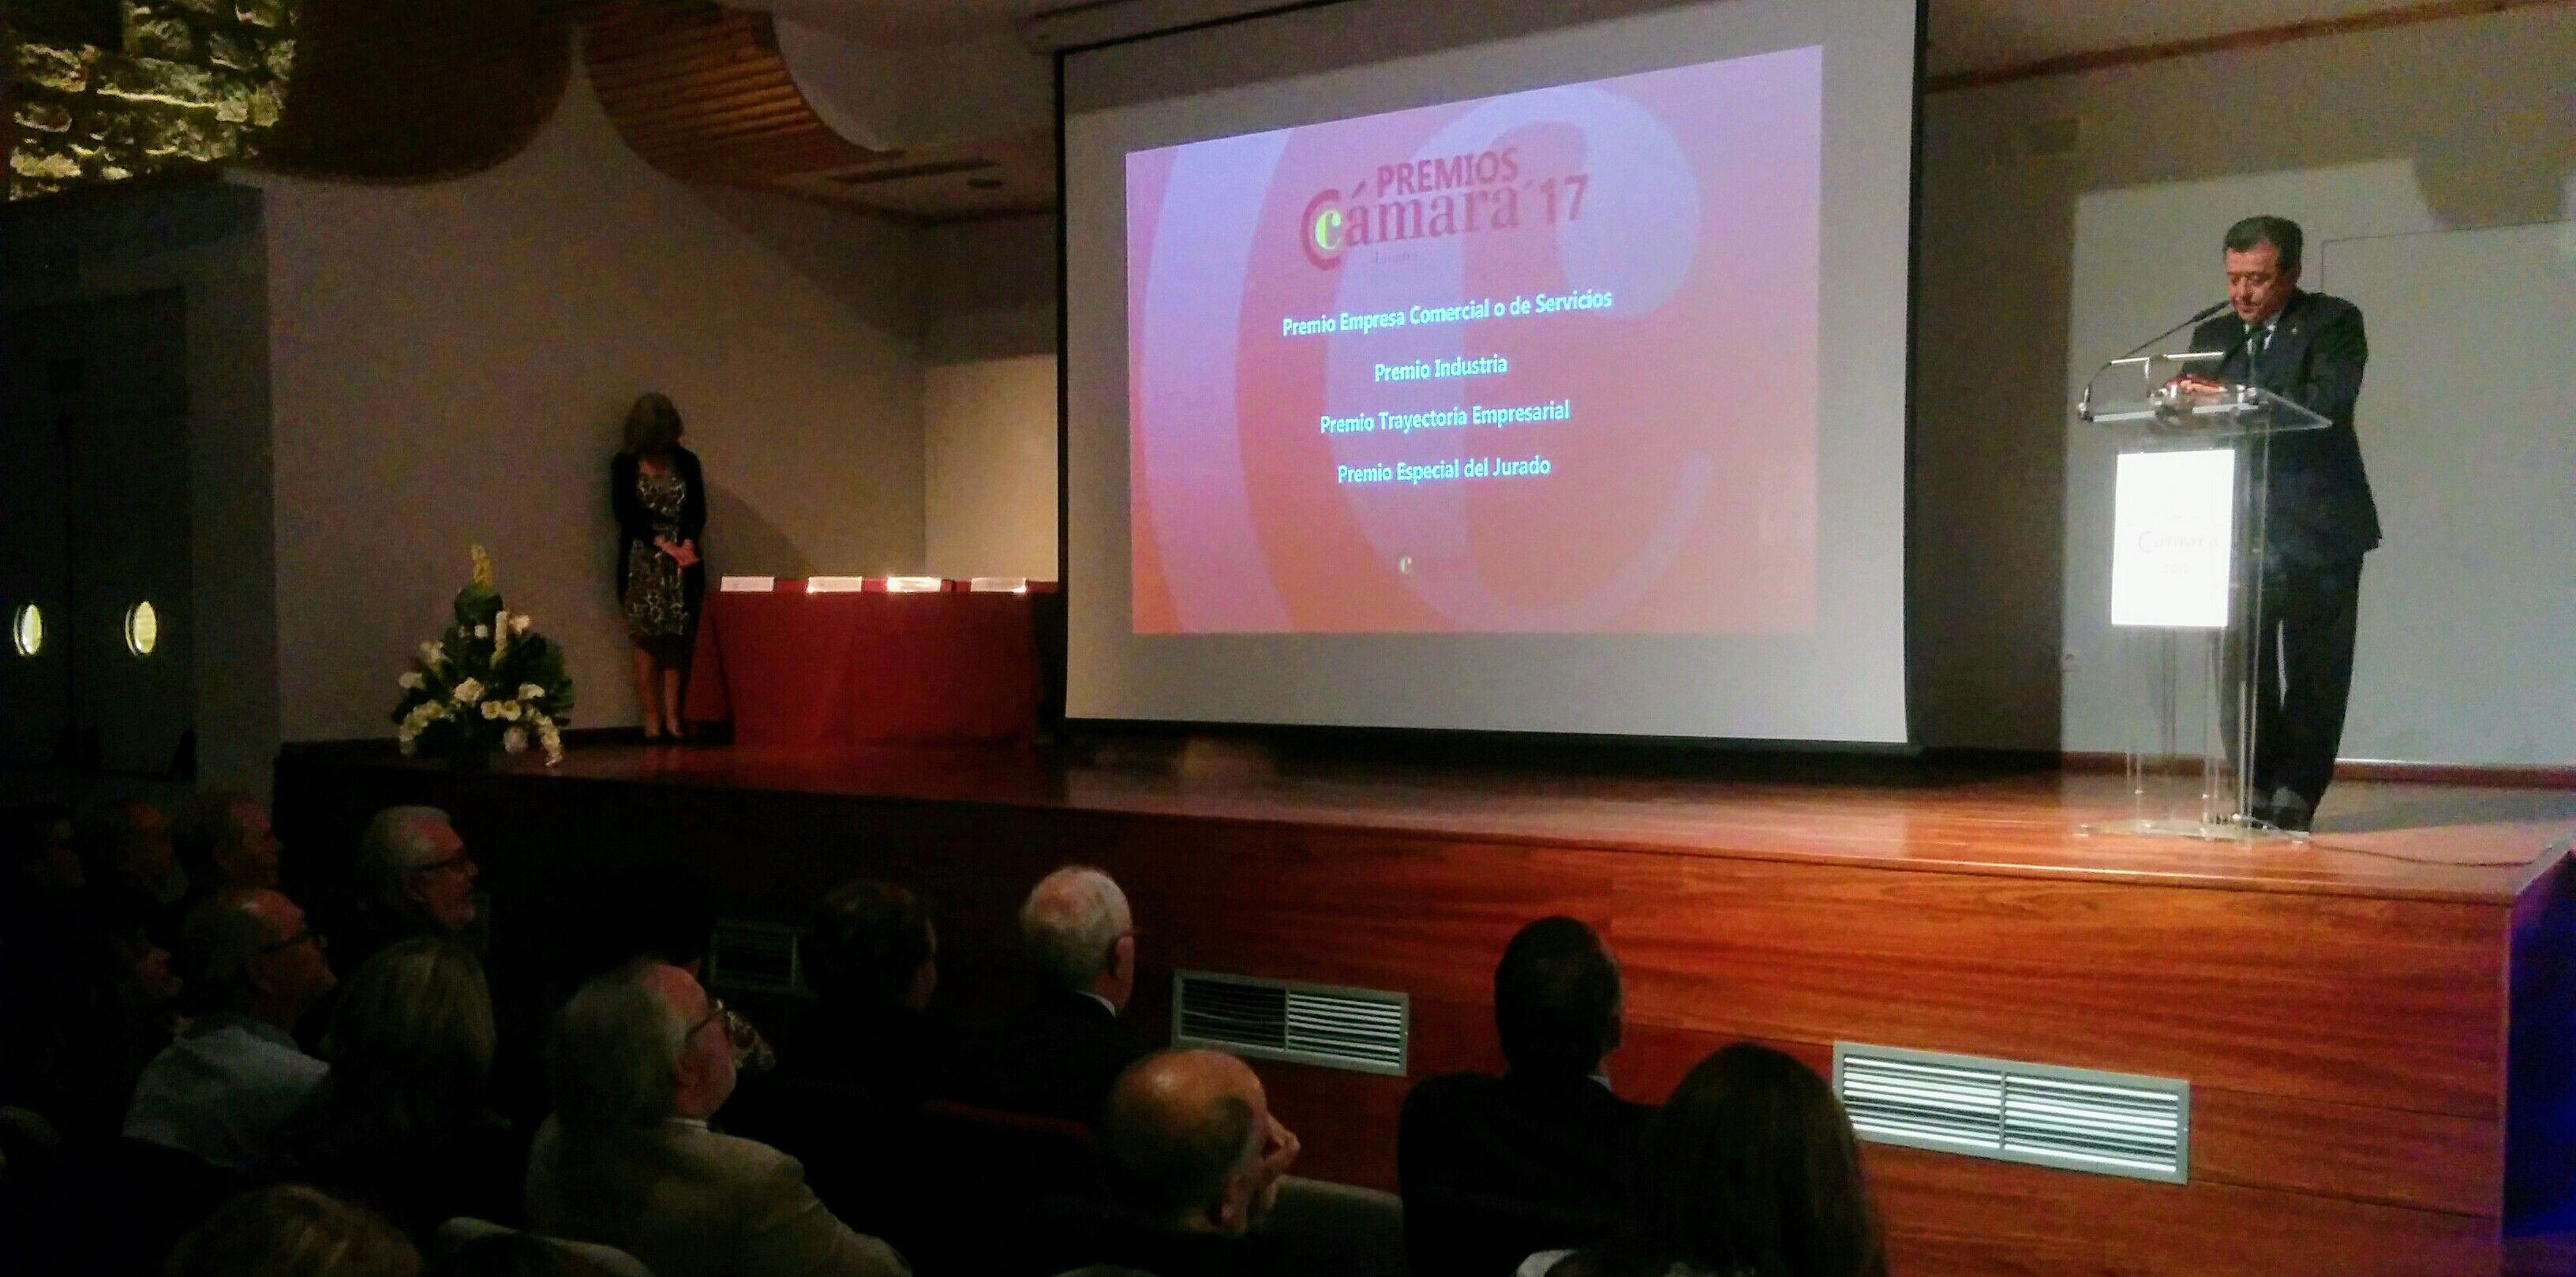 DIRECTO – Entrega de premios de la Cámara de Comercio de Linares